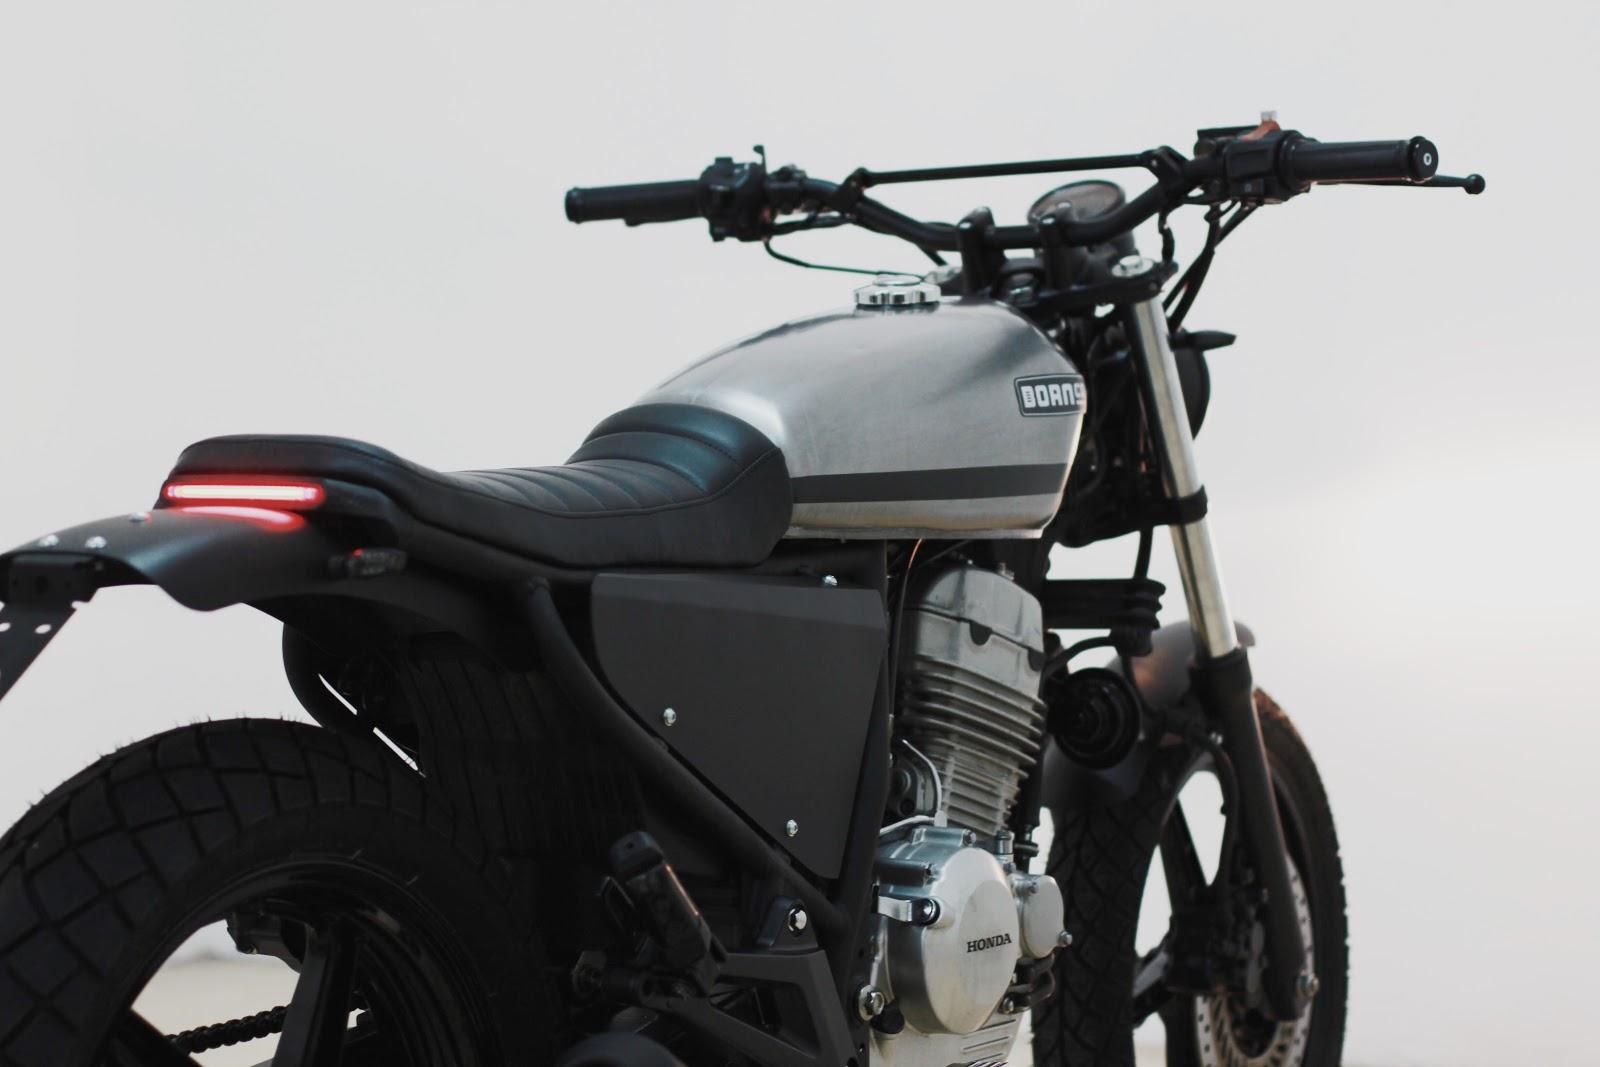 Born Motor ·D printing BCN3D Sigma Motorcycle